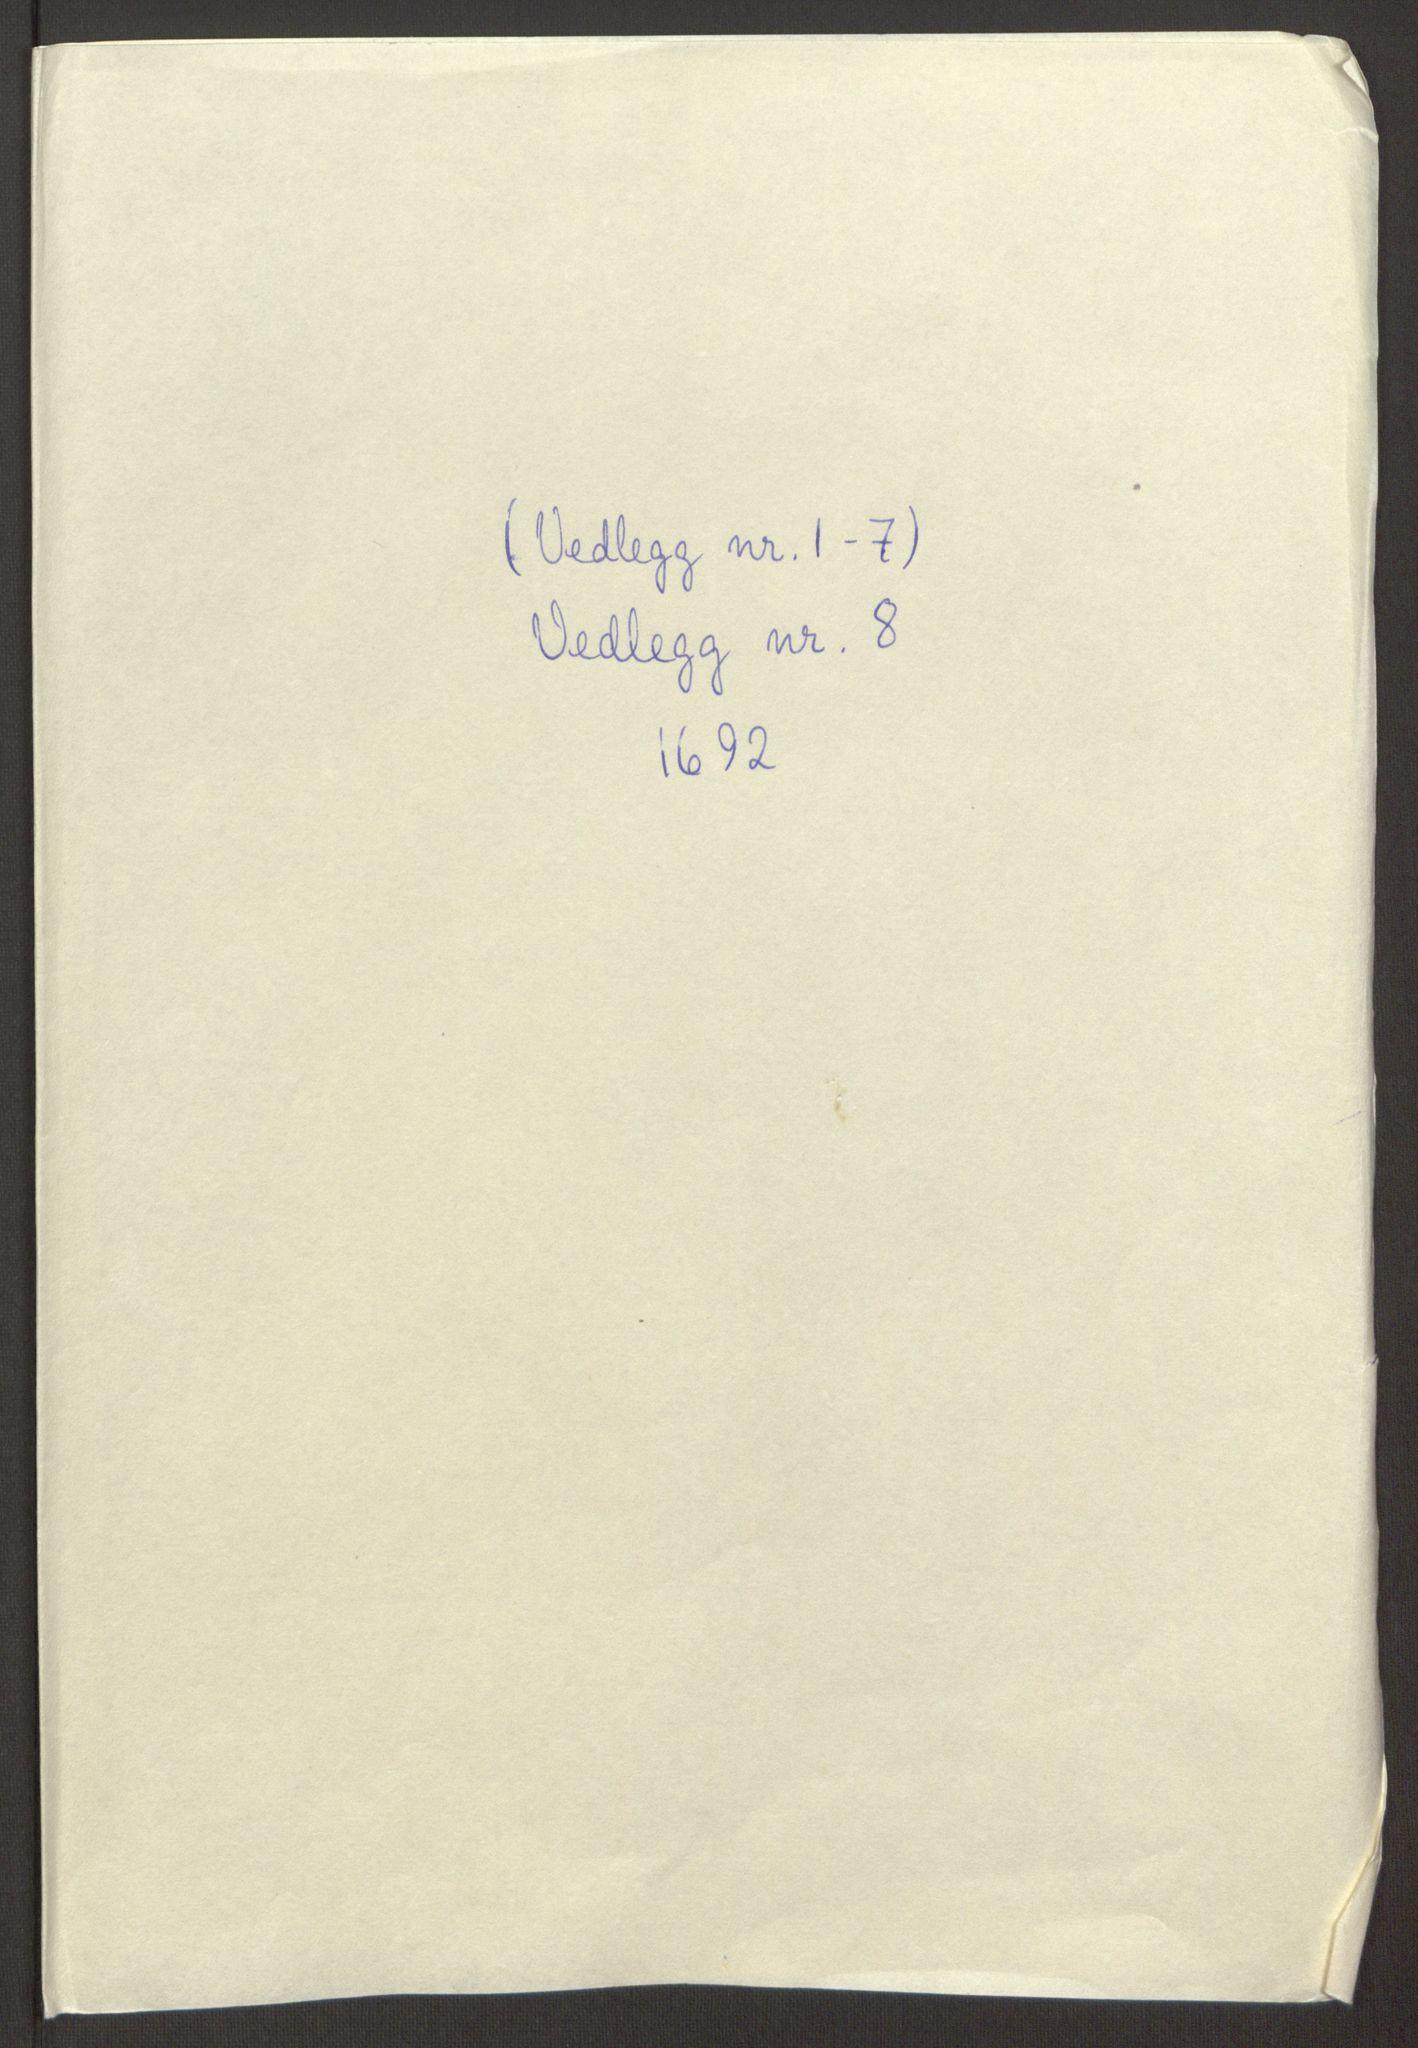 RA, Rentekammeret inntil 1814, Reviderte regnskaper, Fogderegnskap, R65/L4504: Fogderegnskap Helgeland, 1691-1692, s. 312